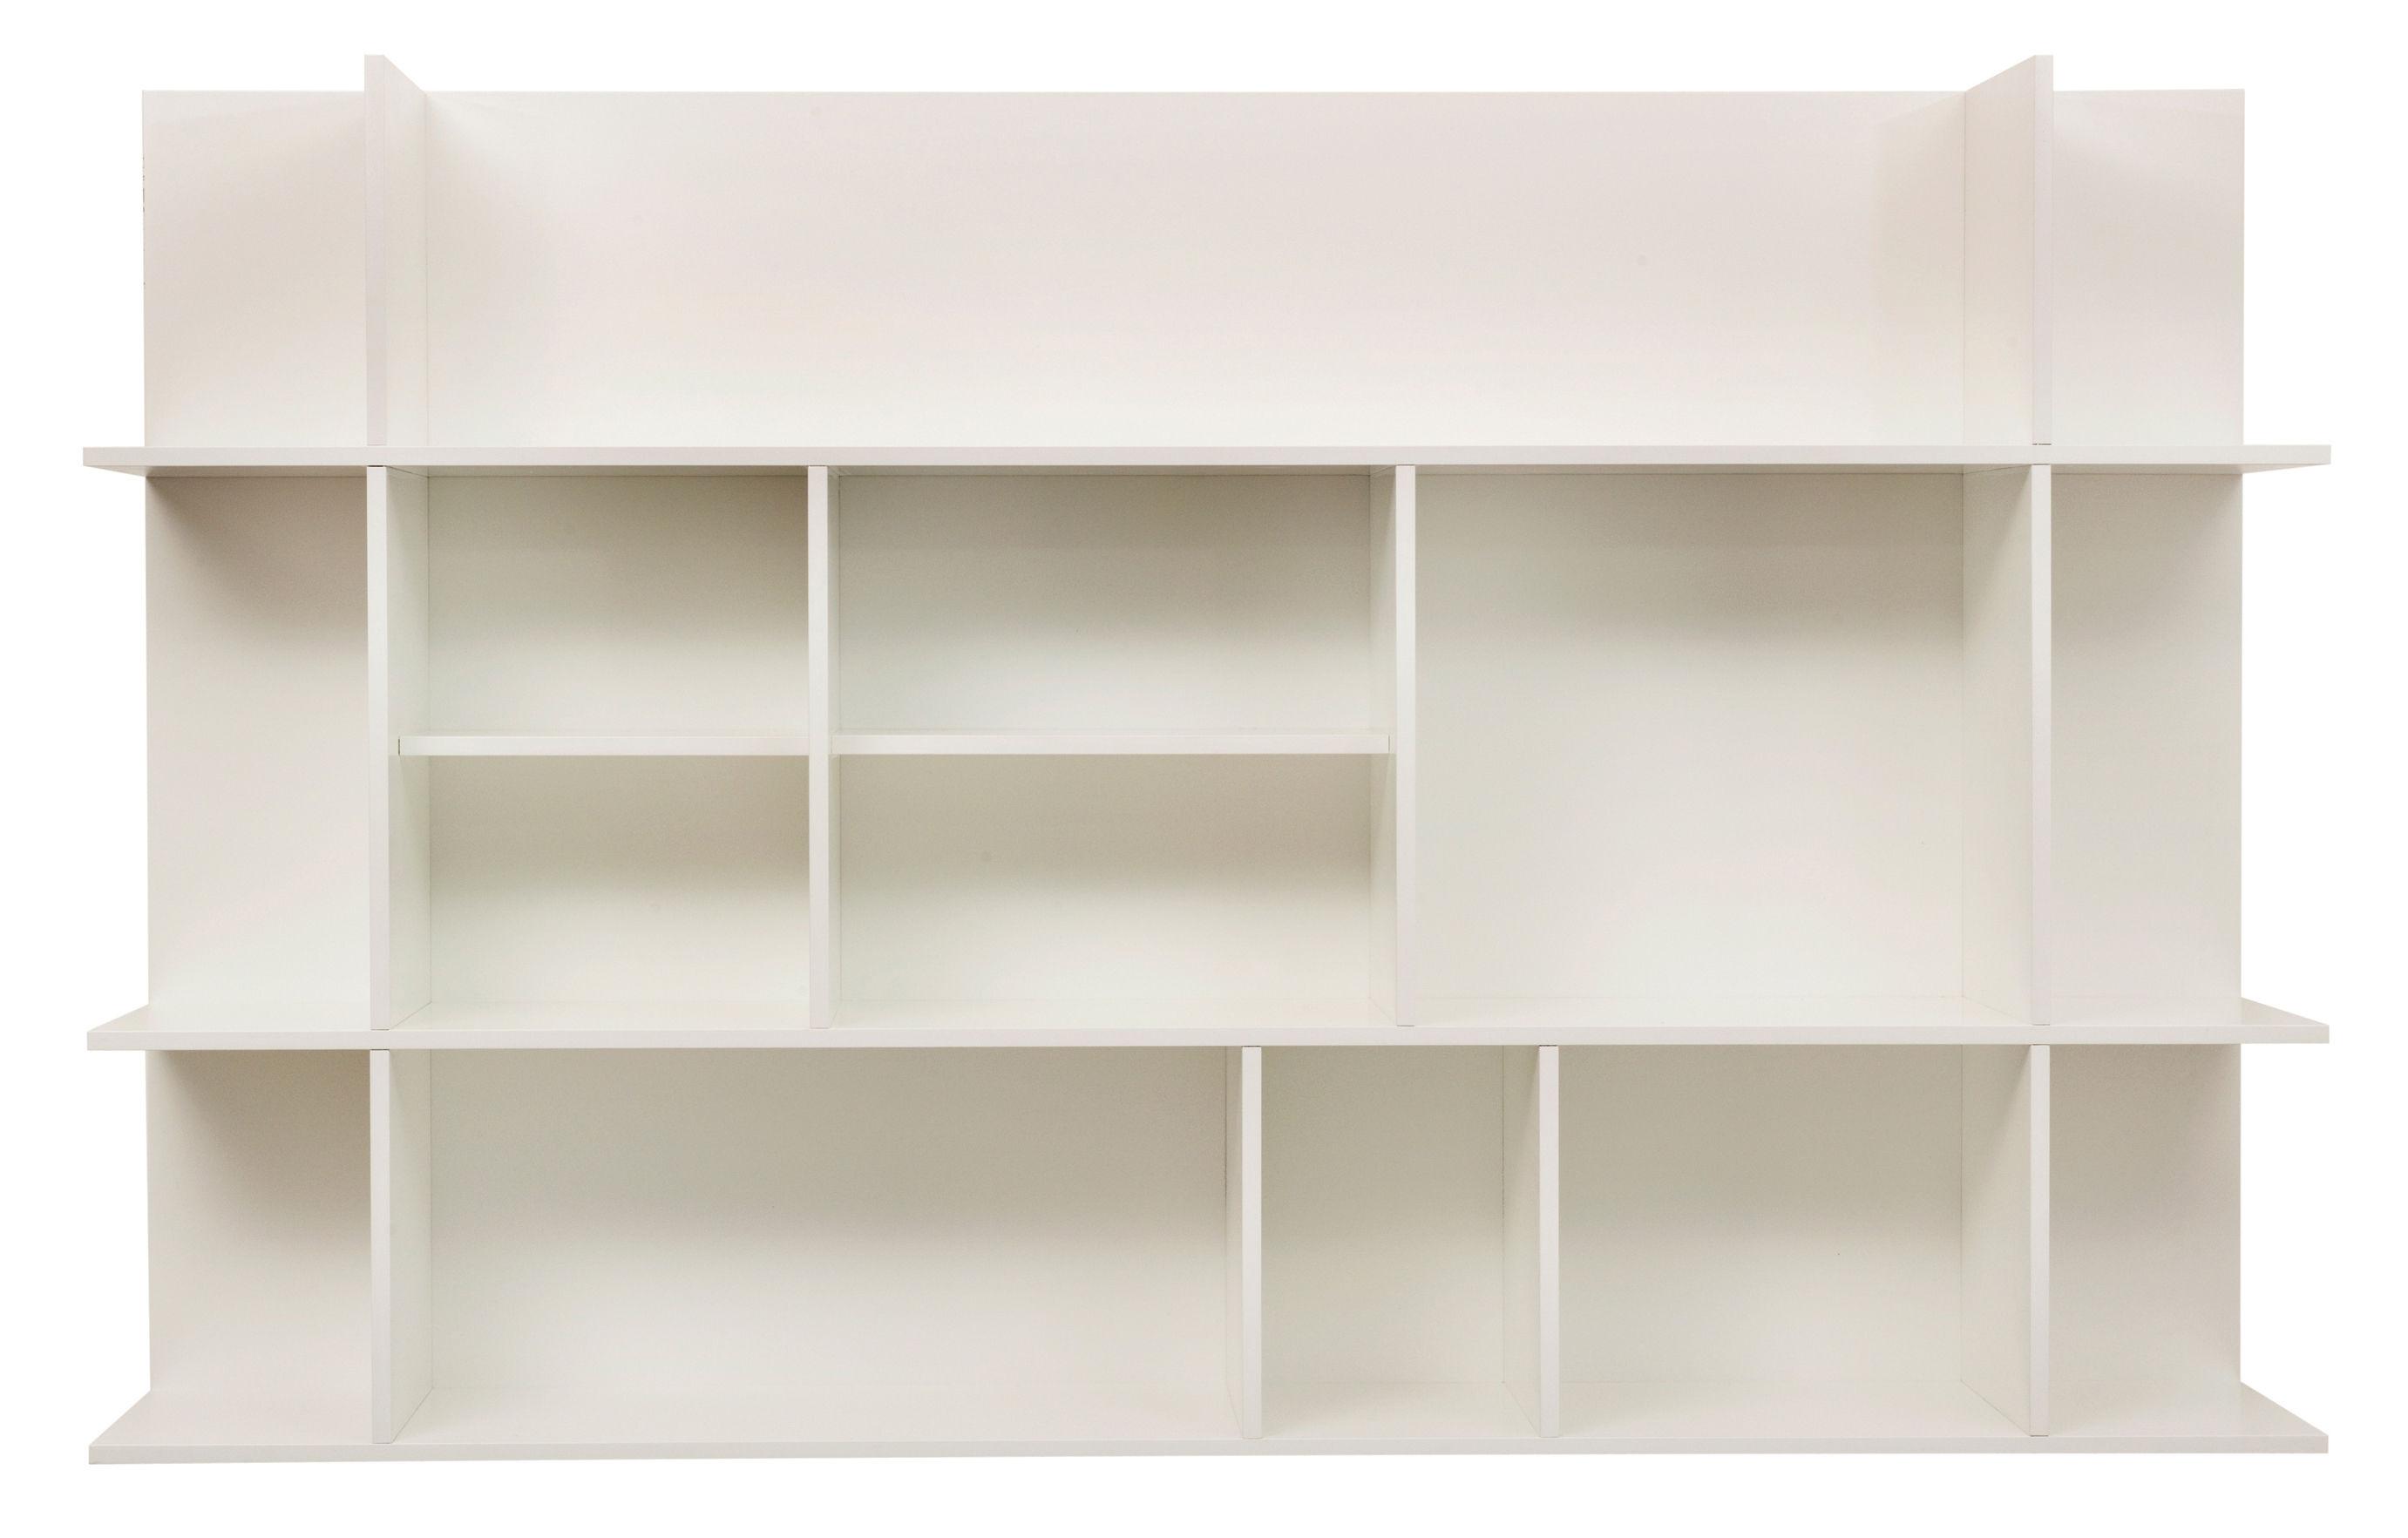 Mobilier - Etagères & bibliothèques - Etagère Golden Ratio Small / Murale - L 120 x H 75 cm - POP UP HOME - Blanc mat - Aggloméré peint